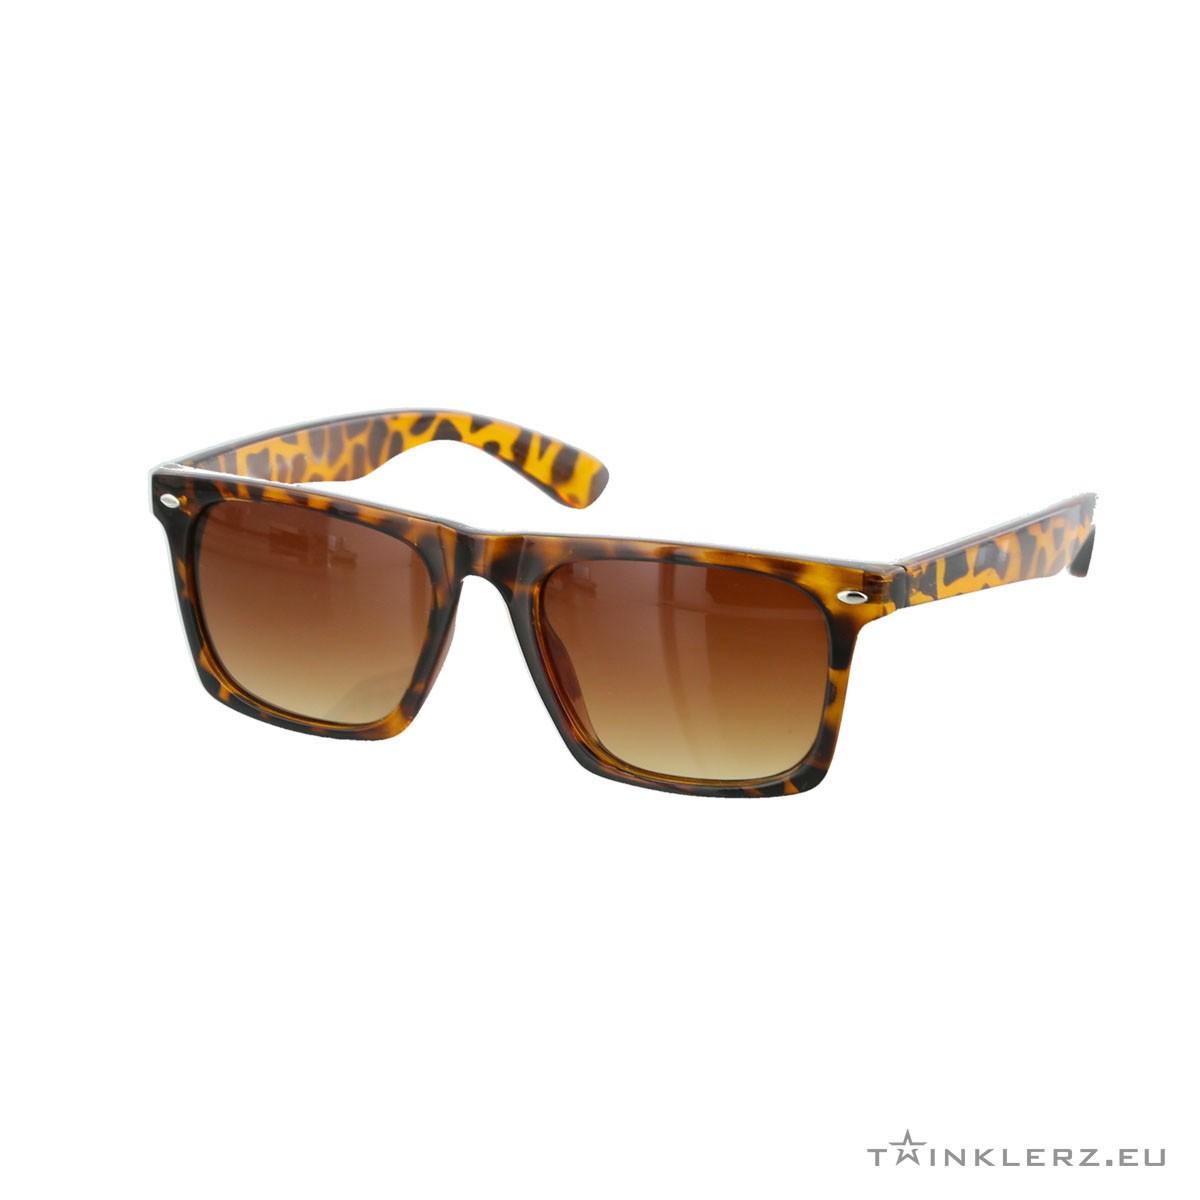 Flat top tiger wayfarer sunglasses brown lenses